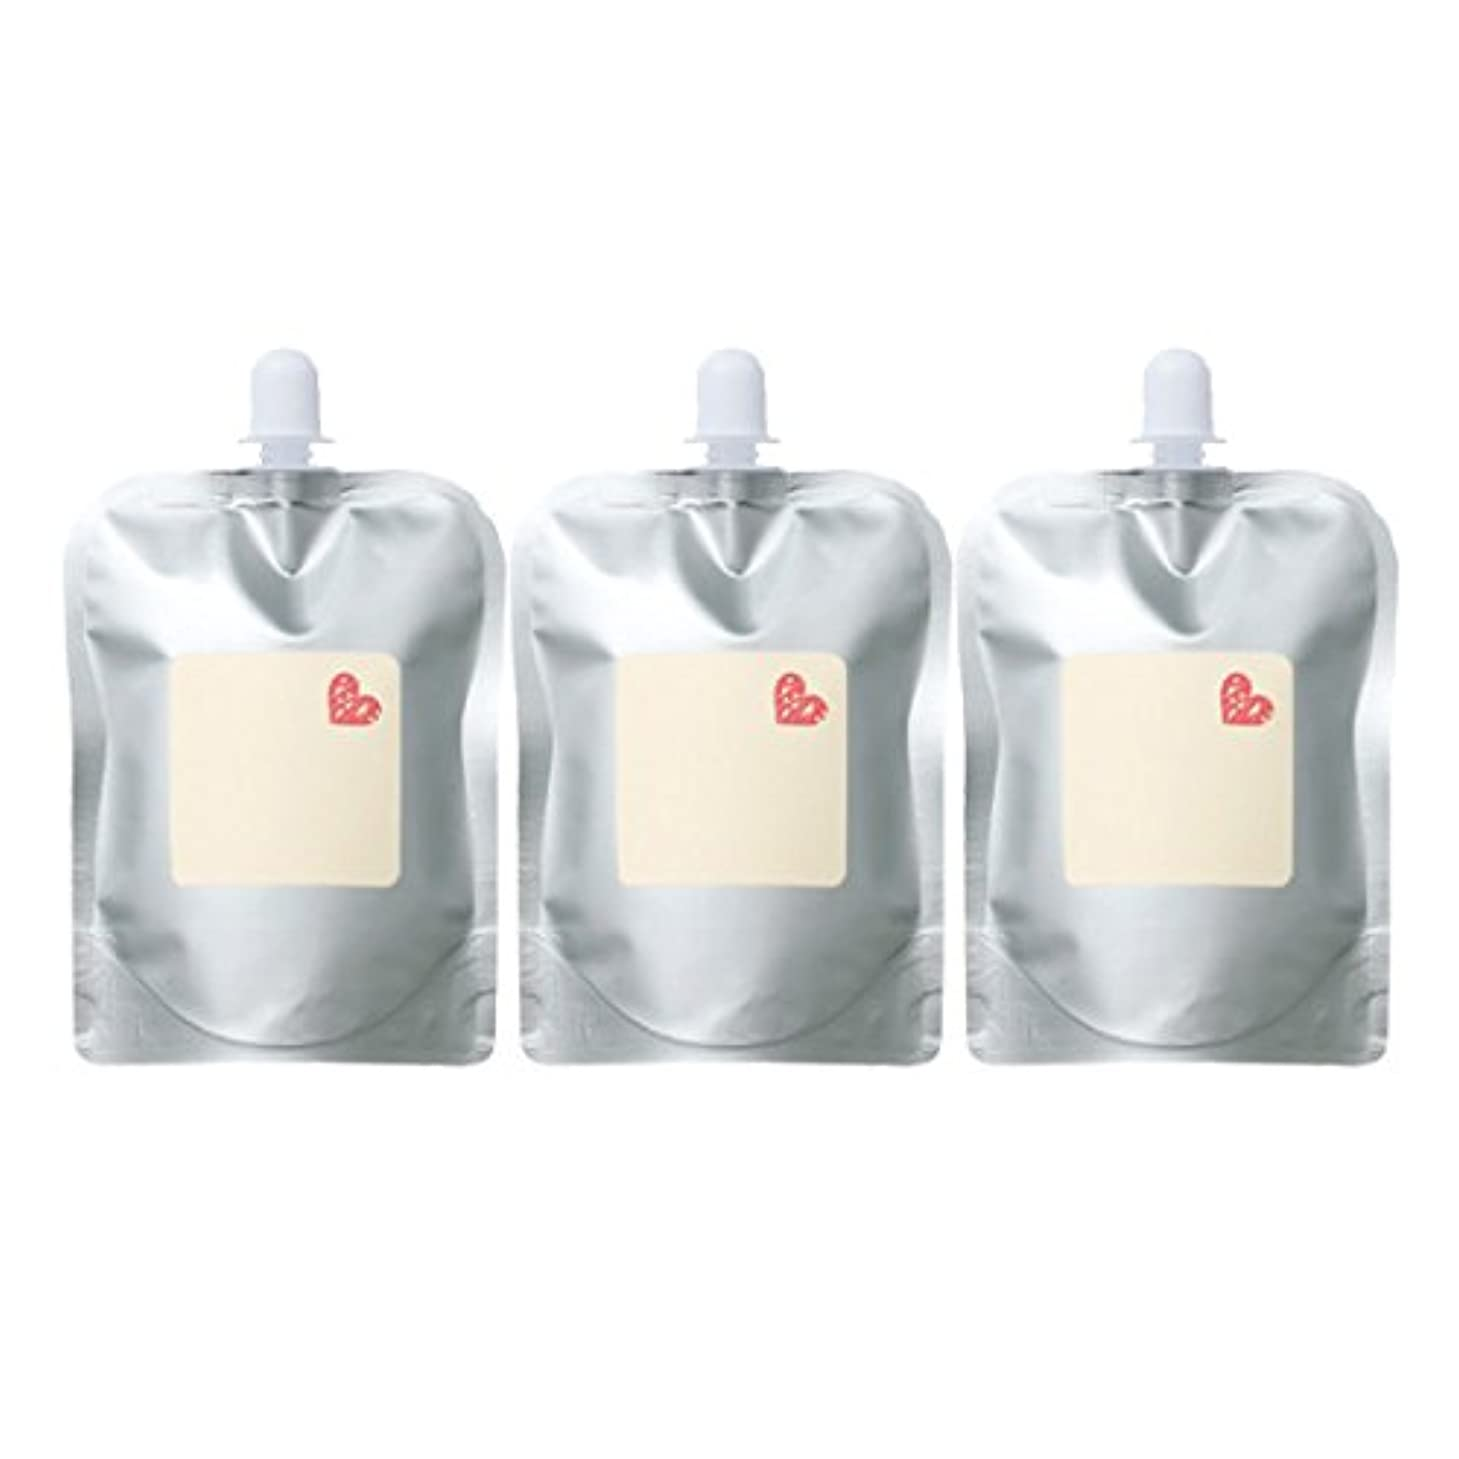 リード適度な肌寒い【x3個セット】 アリミノ ピース ナチュラルウェーブ ホイップ 400g 詰替え用